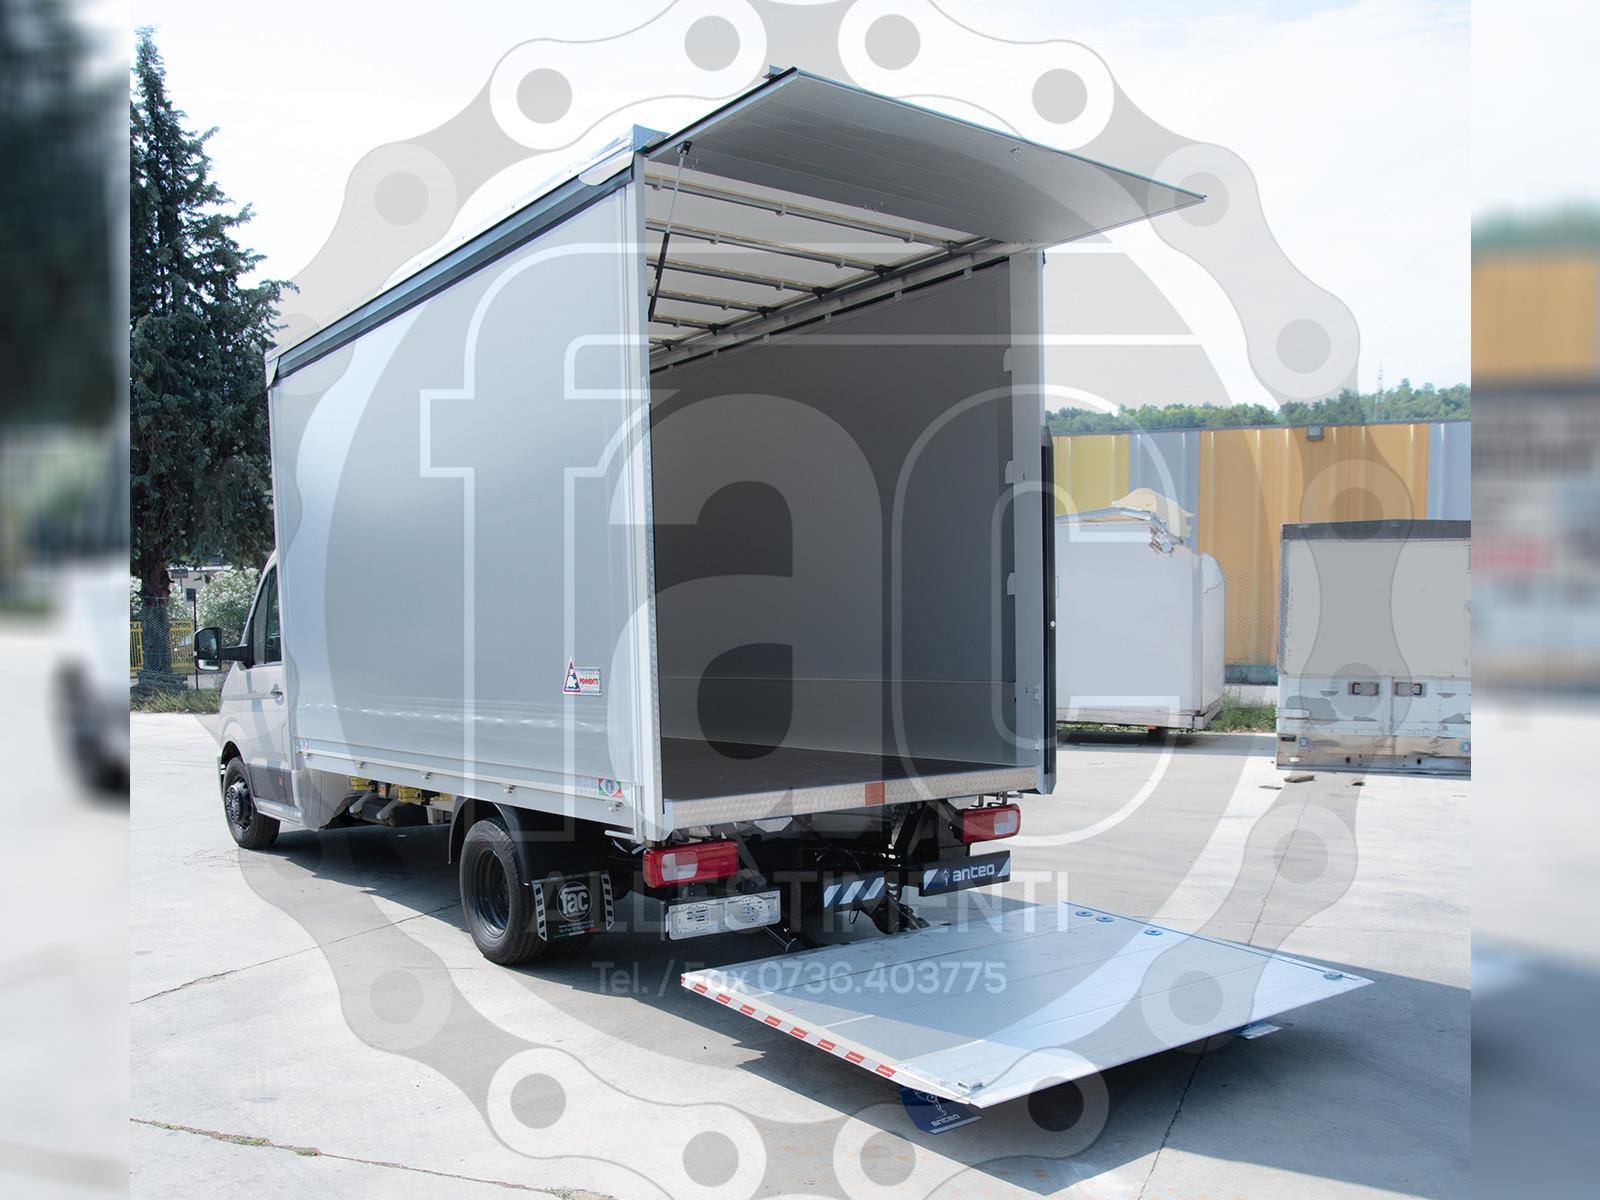 Realizzazione di furgone in alluminio 6